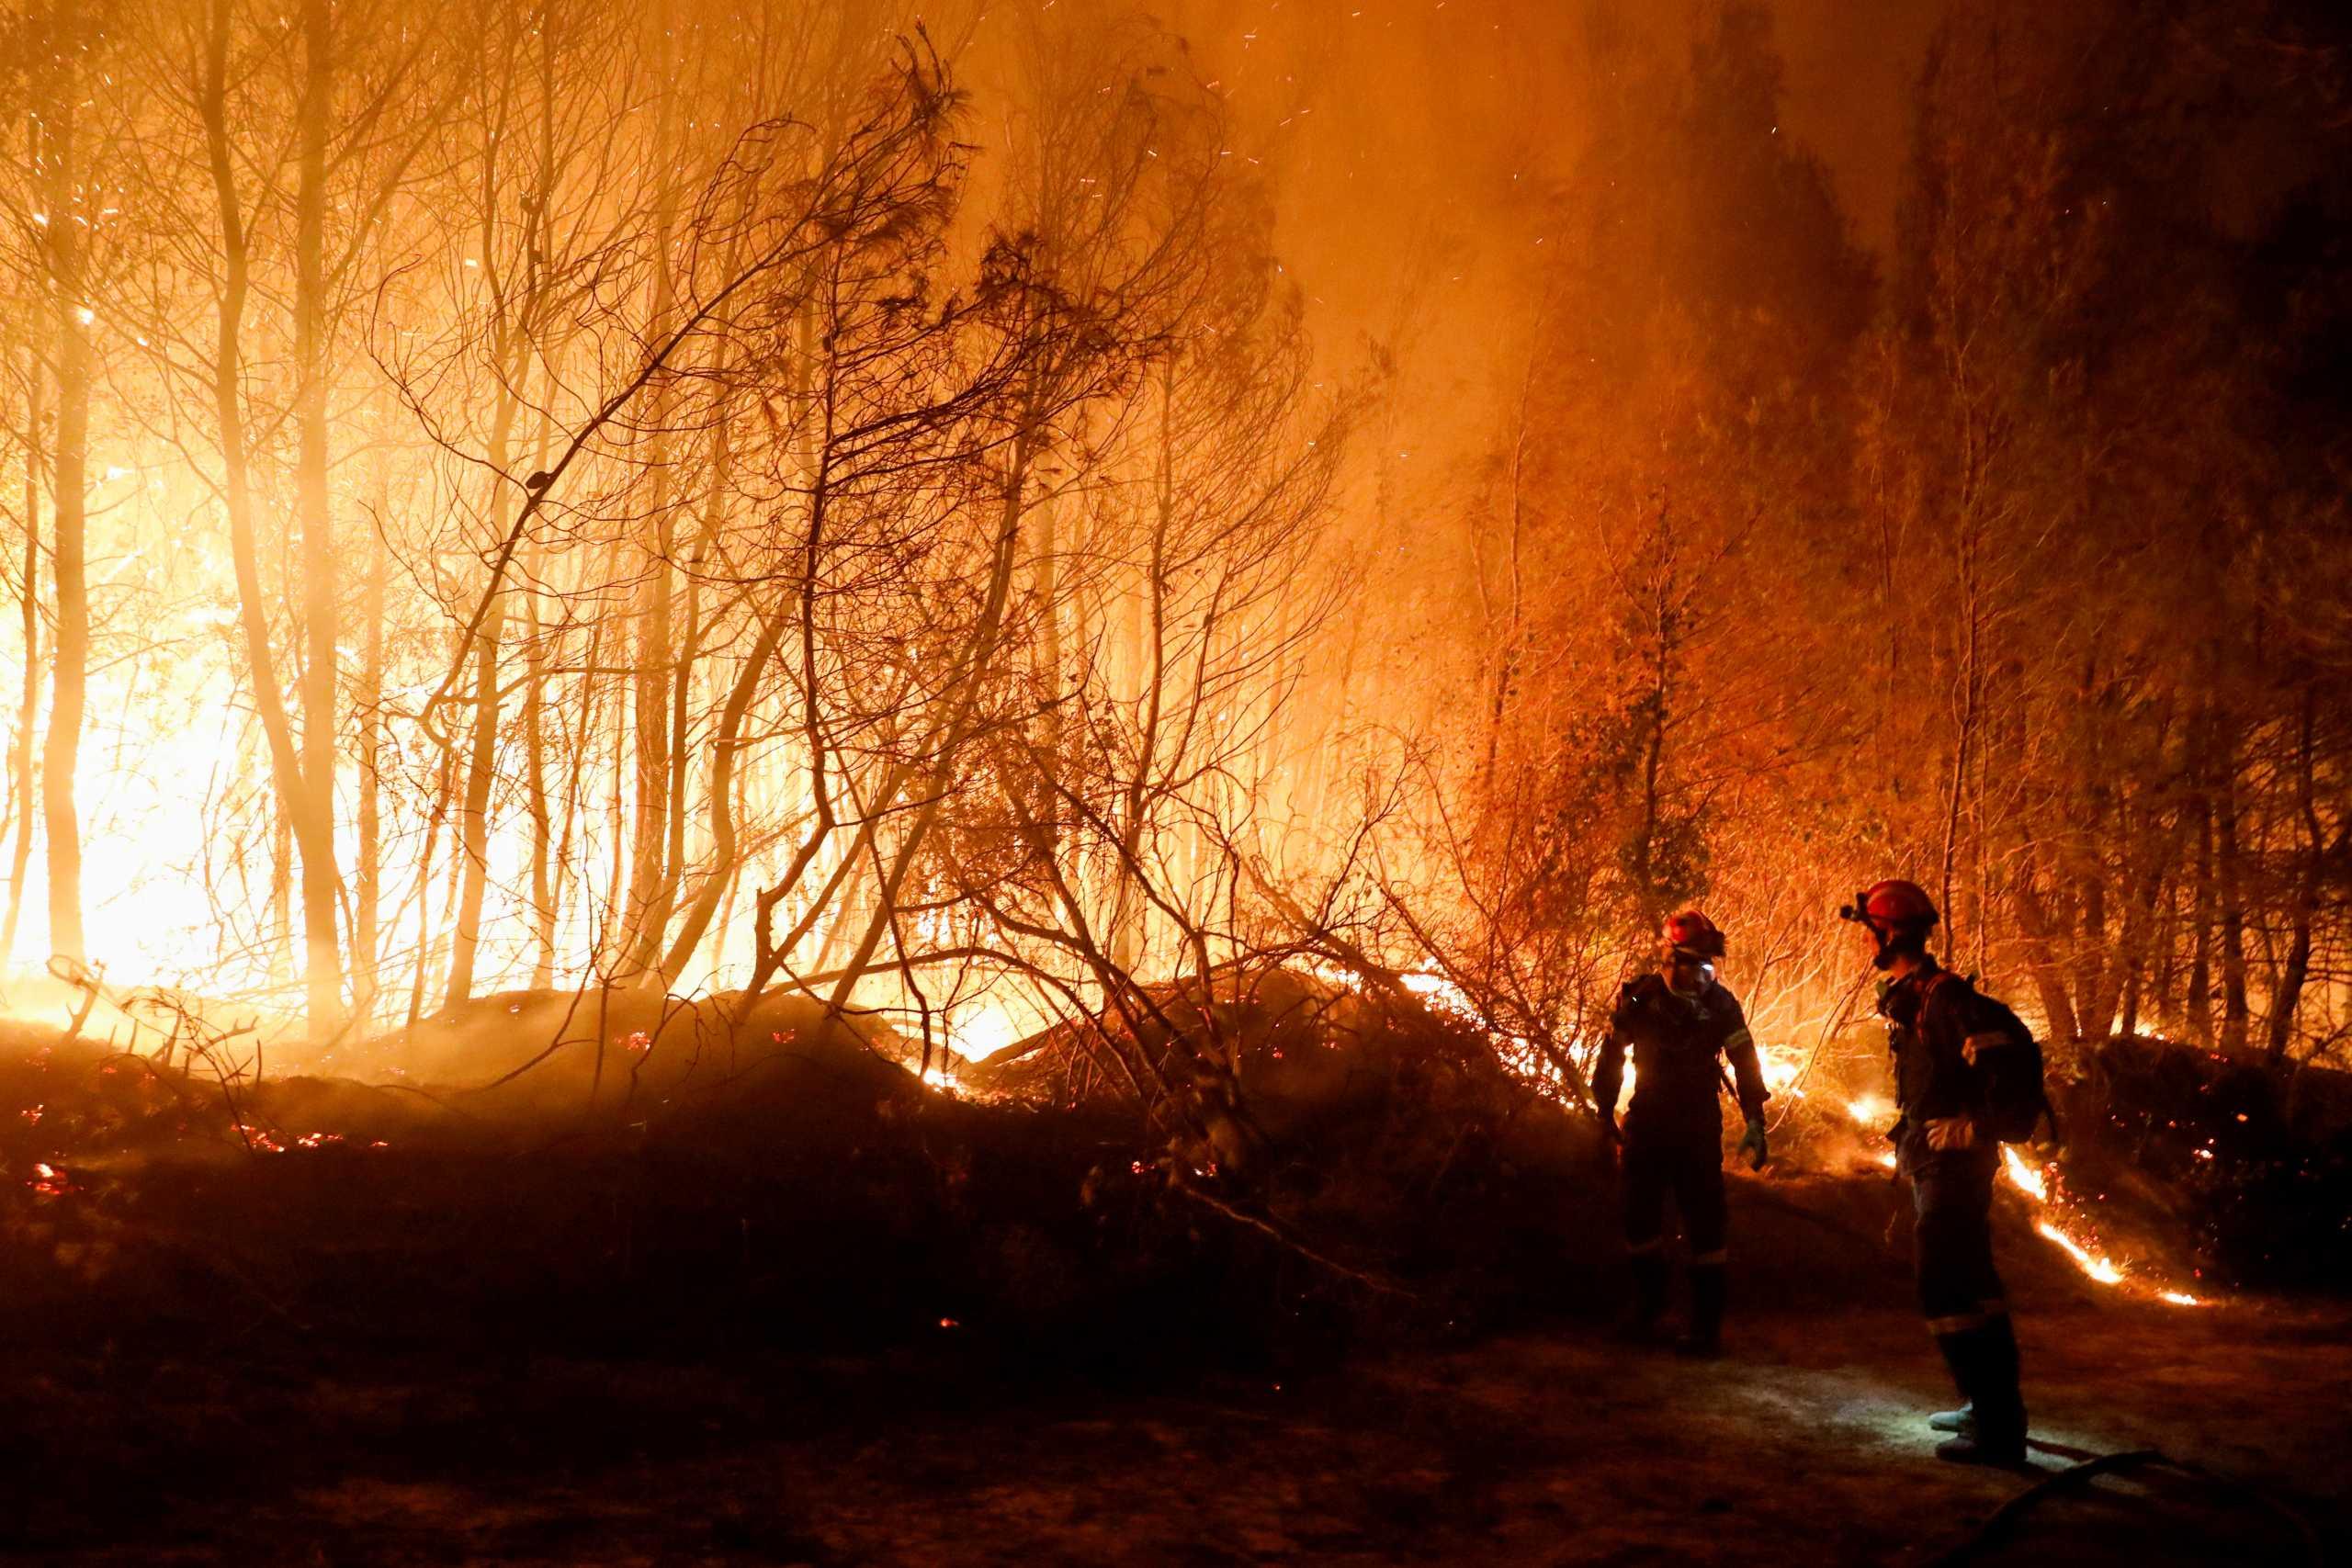 Χρήστος Ζερεφός: Επικίνδυνος ο Αύγουστος – Ο καύσωνας θα φέρει μεγάλες πυρκαγιές